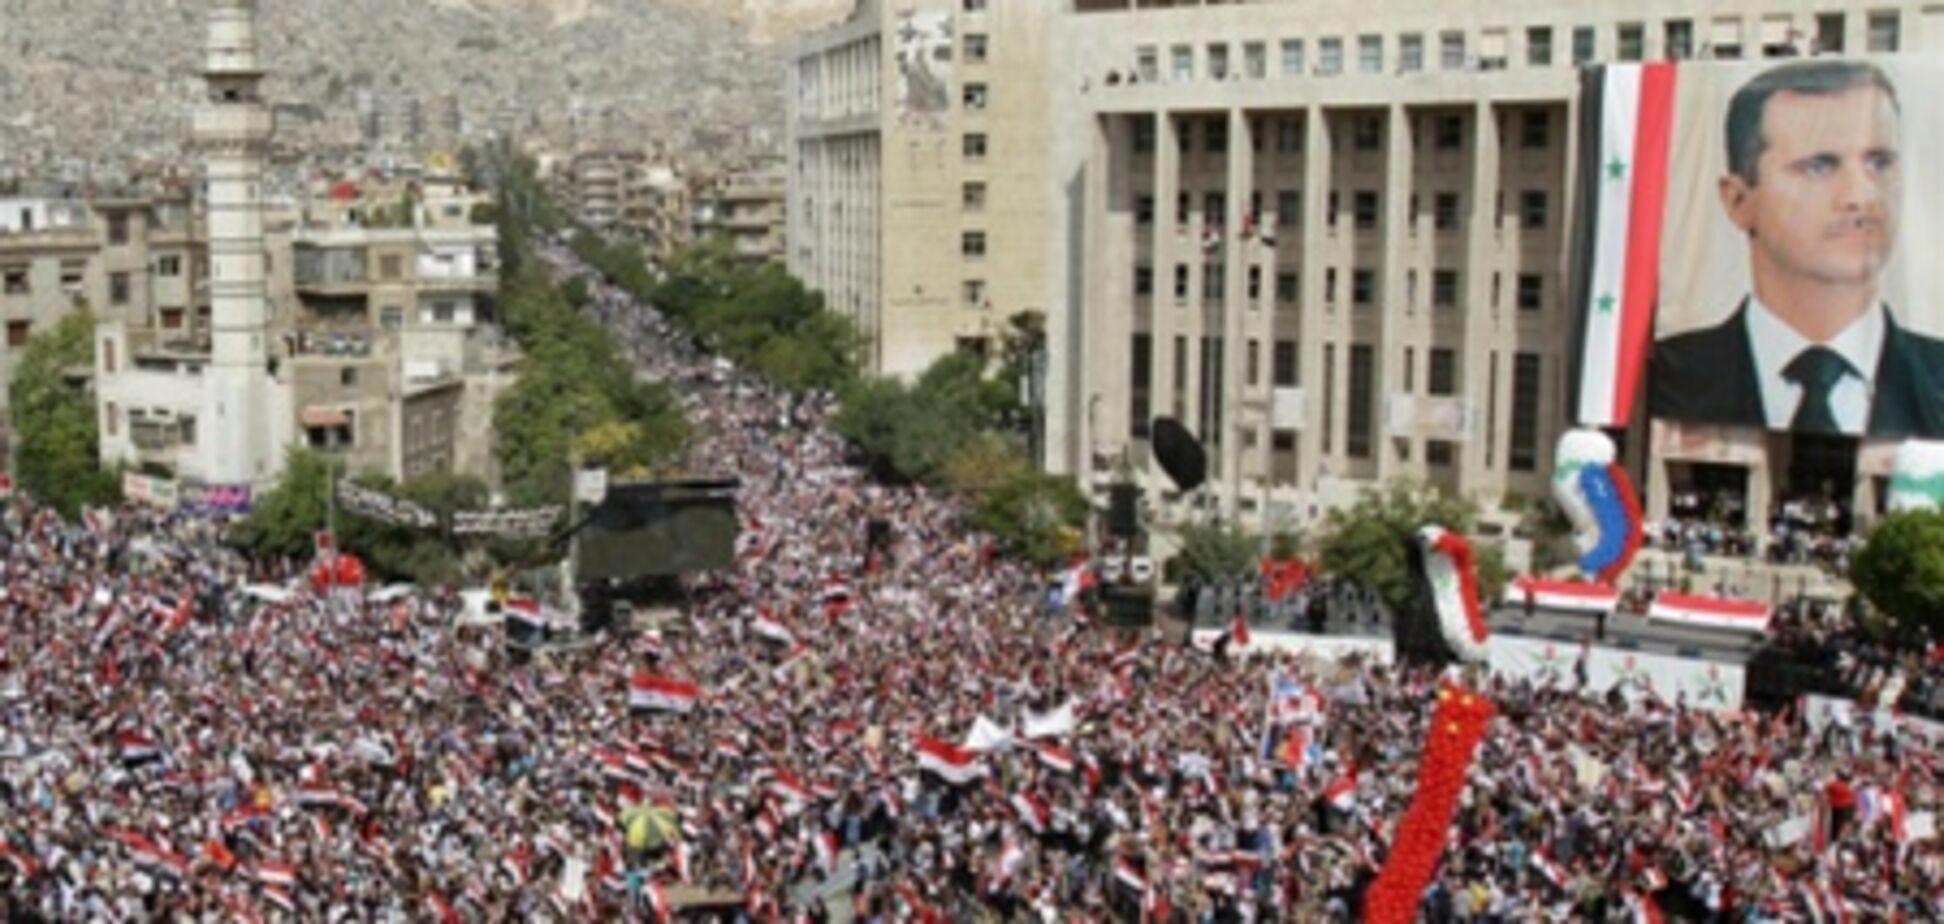 На масштабному мітингу в Дамаску Асад закликав своїх прихильників боротися